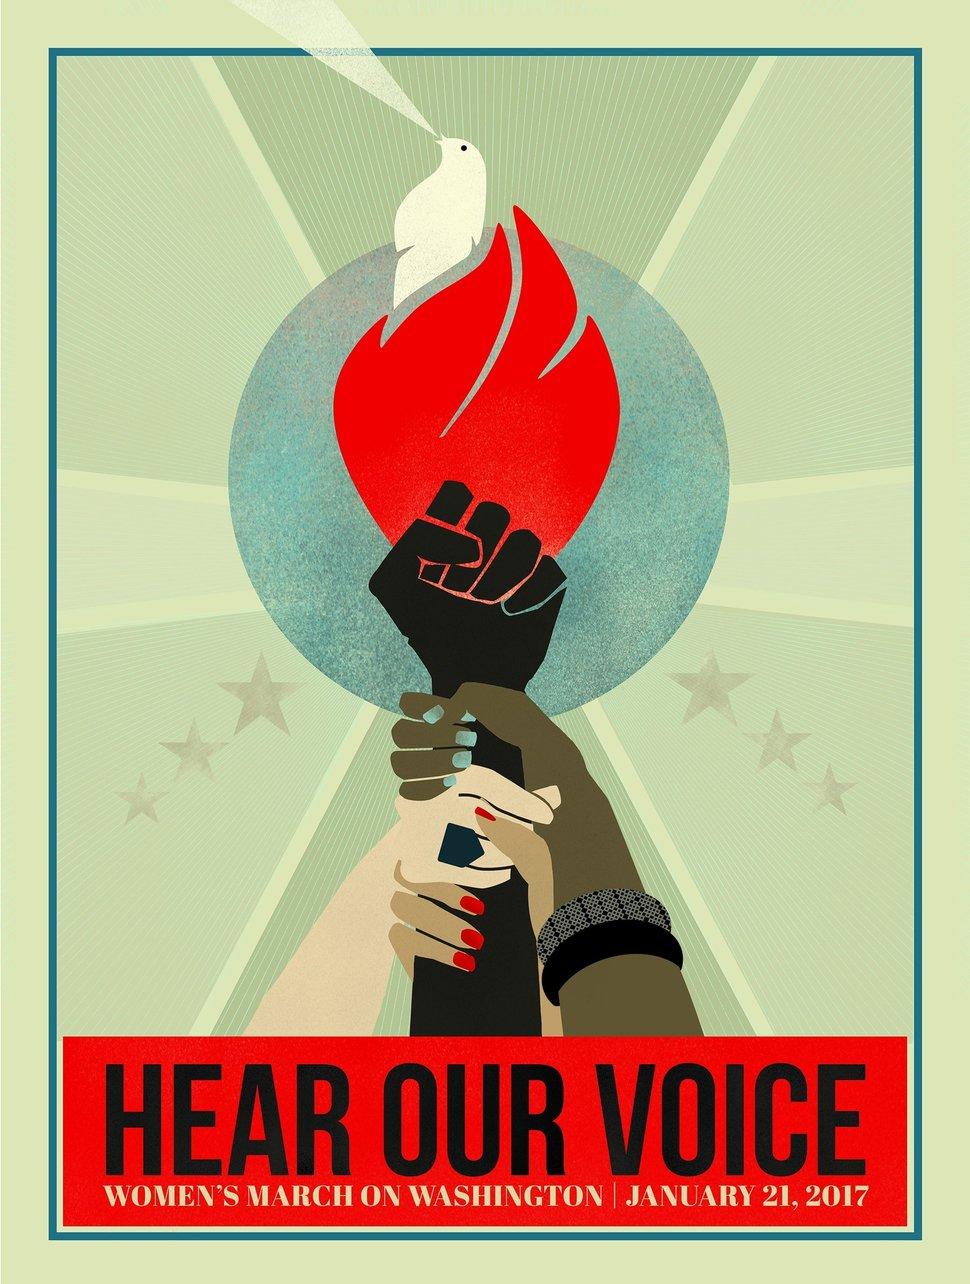 Cartel de la Marcha de las mujeres, celebrada en todo Estados Unidos el 21 de enero de 2017.